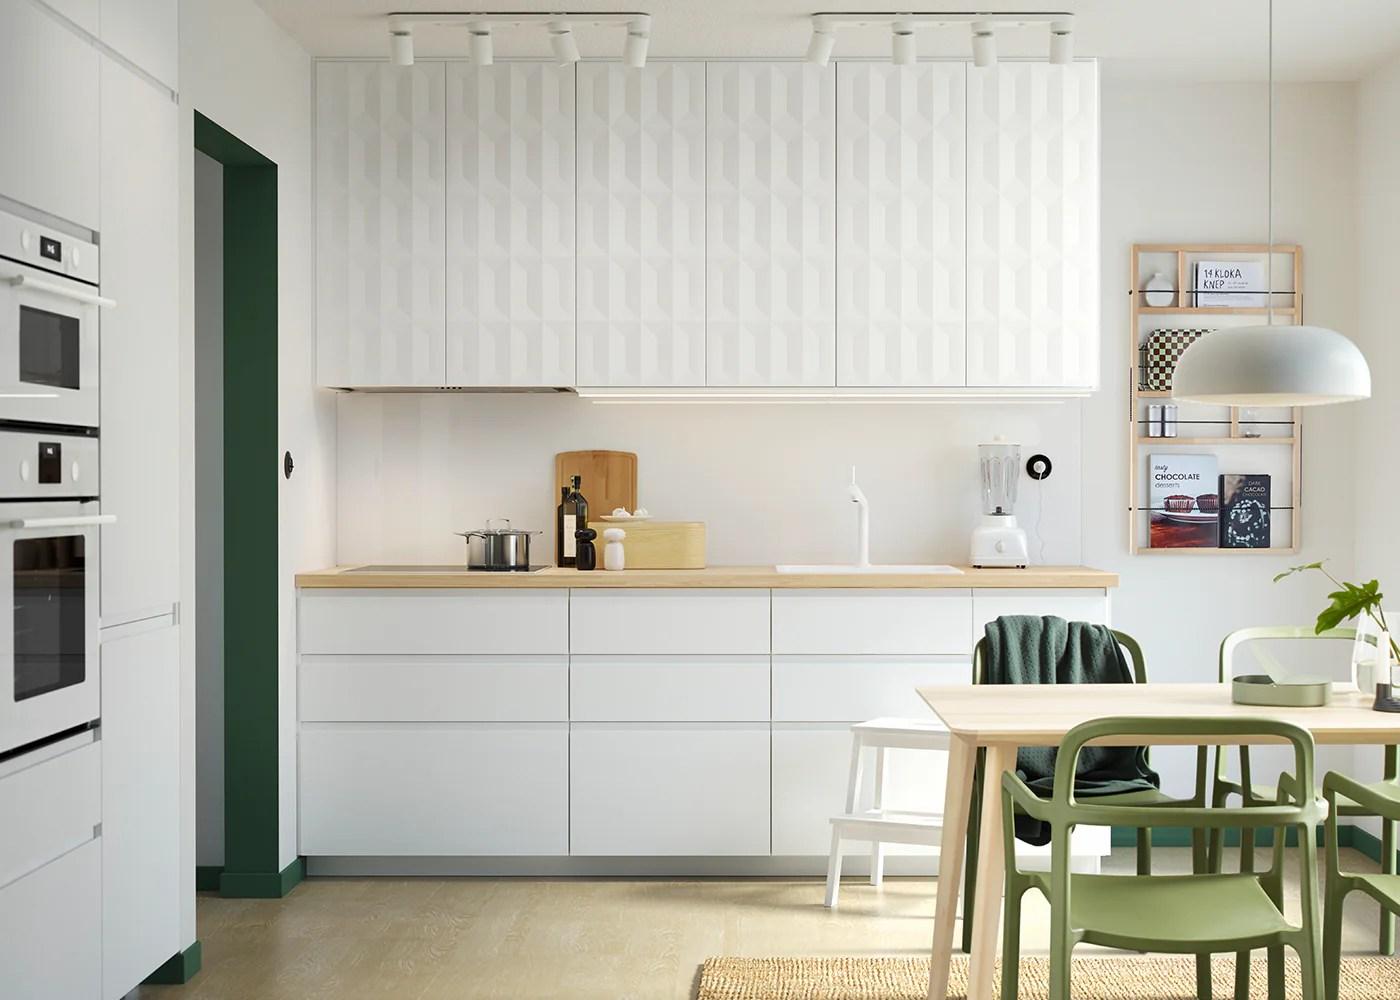 Ikea Küche Finanzierung 16  Bauknecht Glaskeramikplatte Für